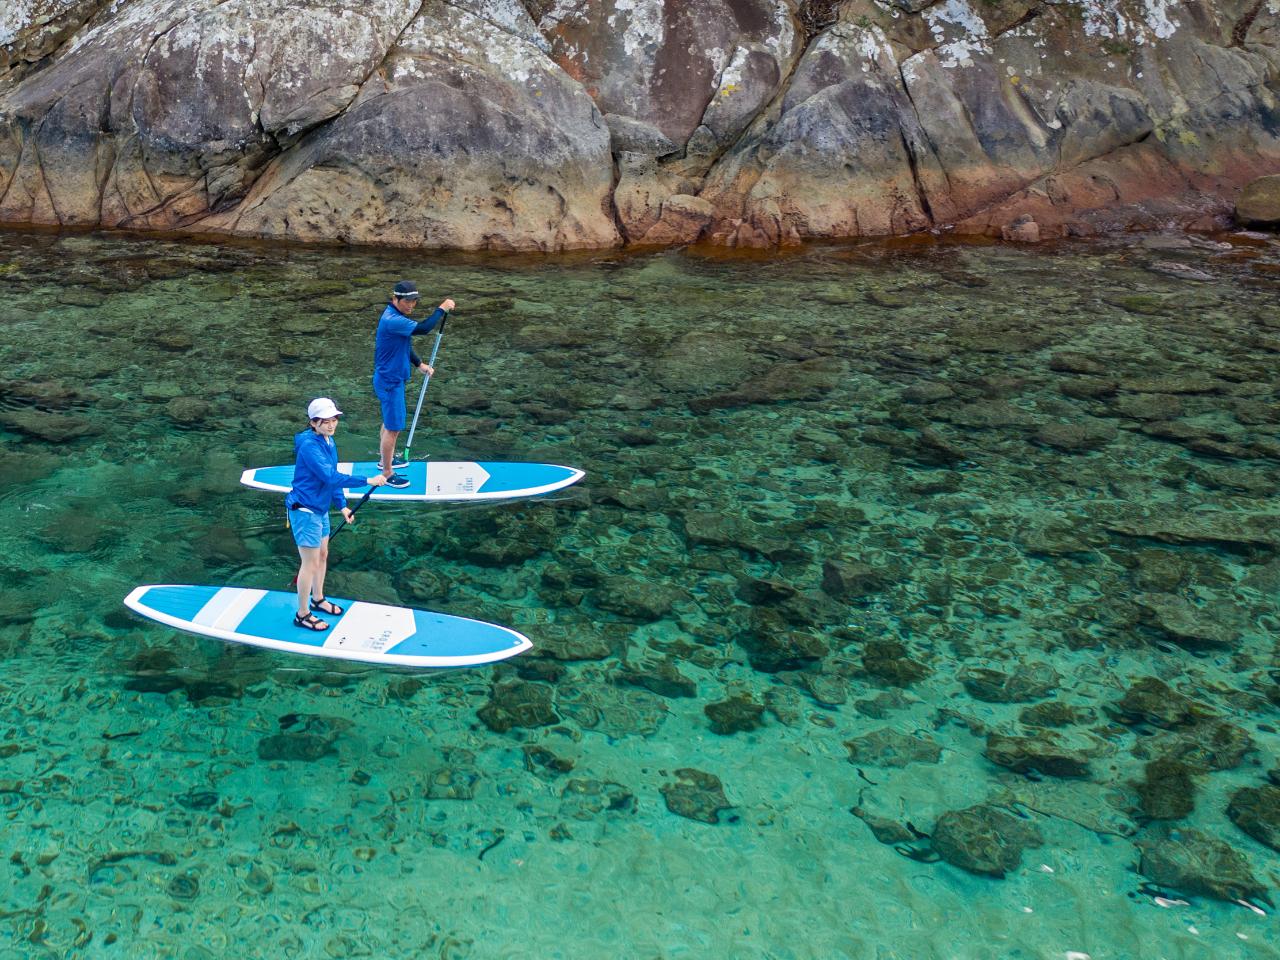 水床湾SUPクルージング<ガイドが撮影した画像データプレゼント♪>